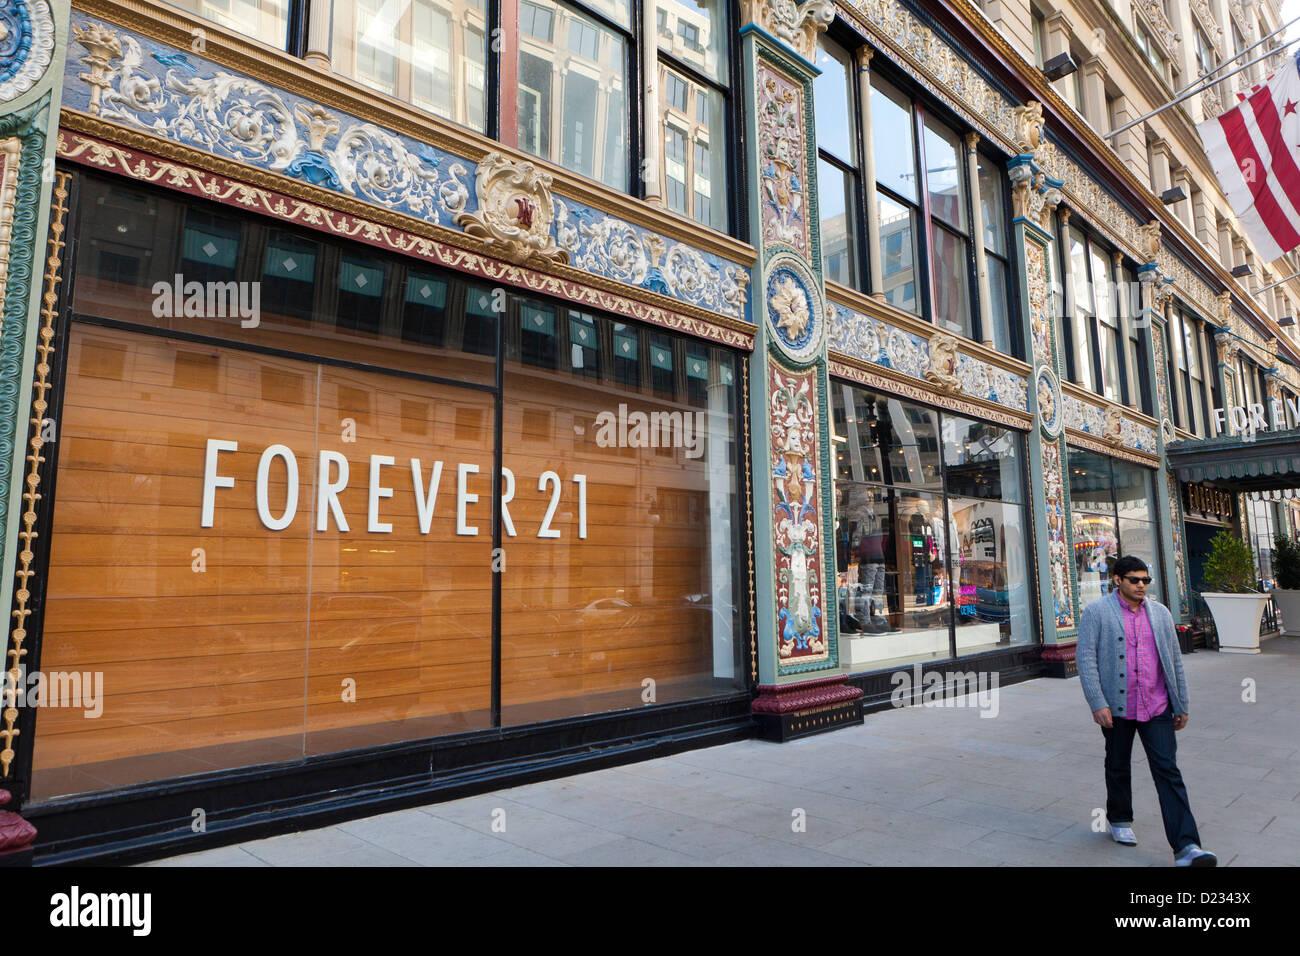 Forever 21 storefront - Washington, DC - Stock Image